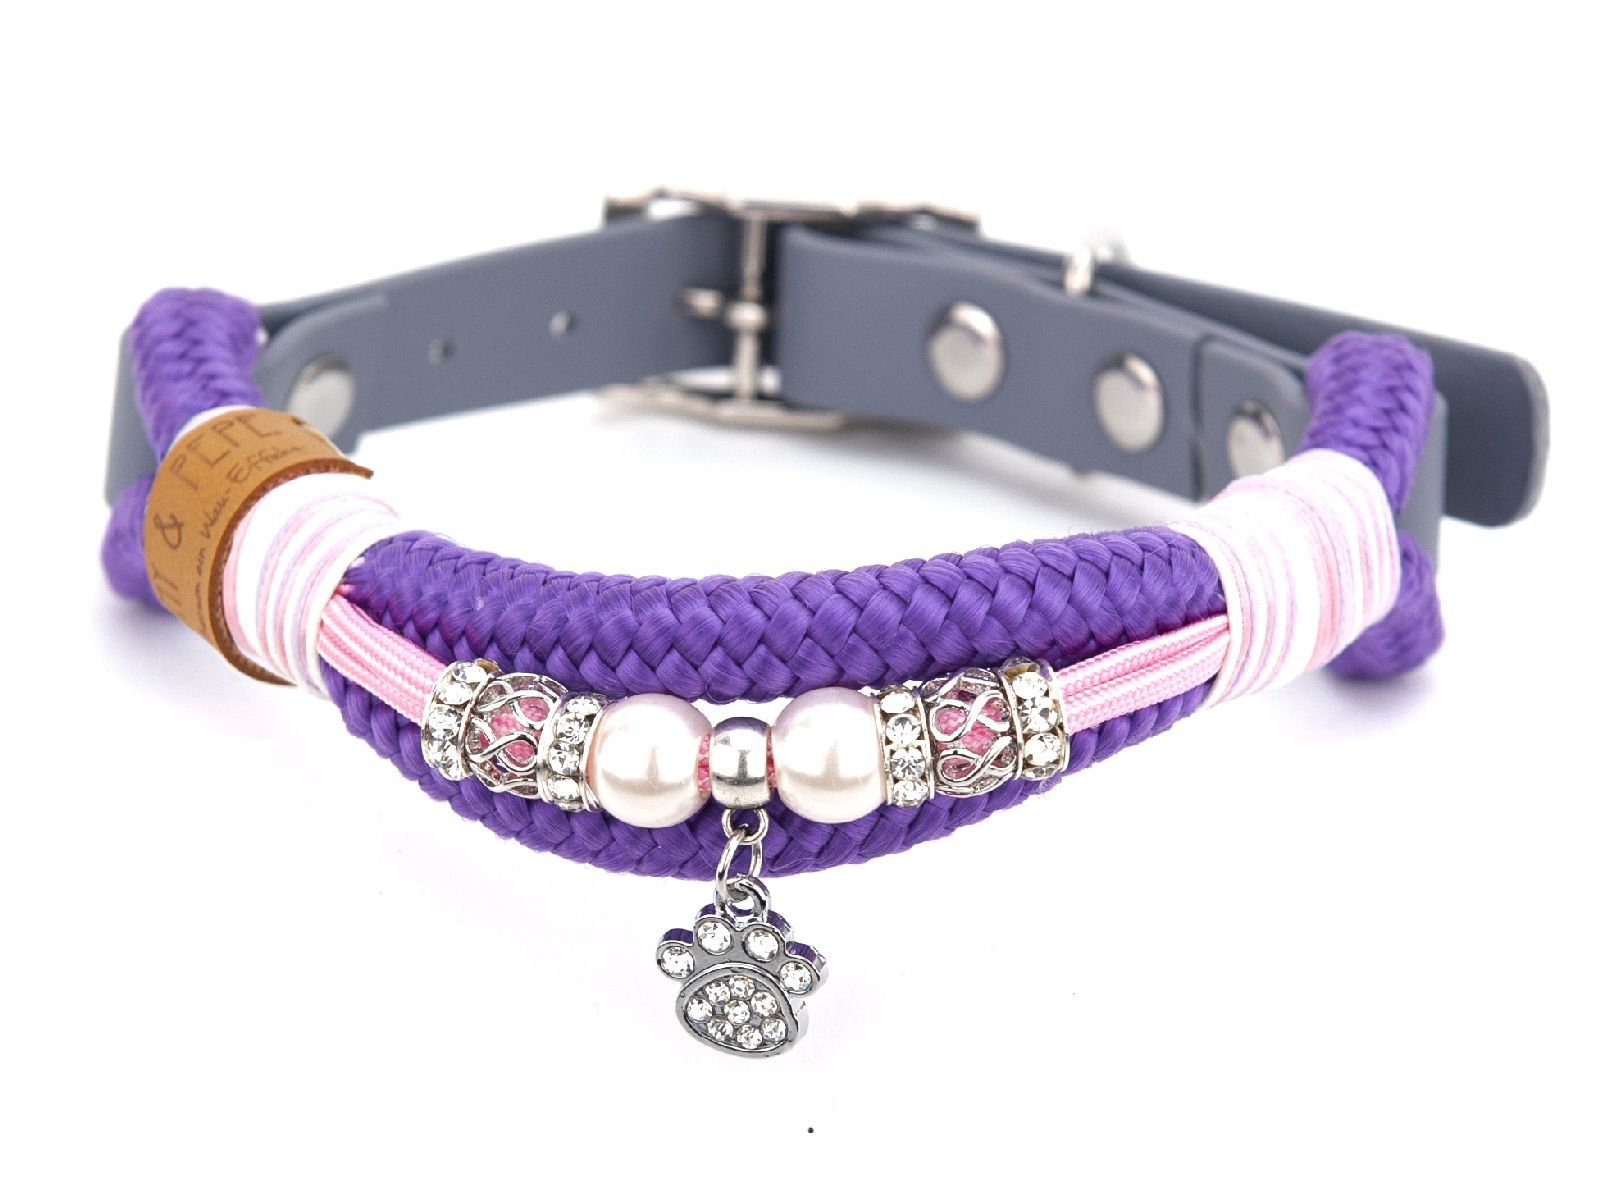 Tauhalsband mit Perlen Violette